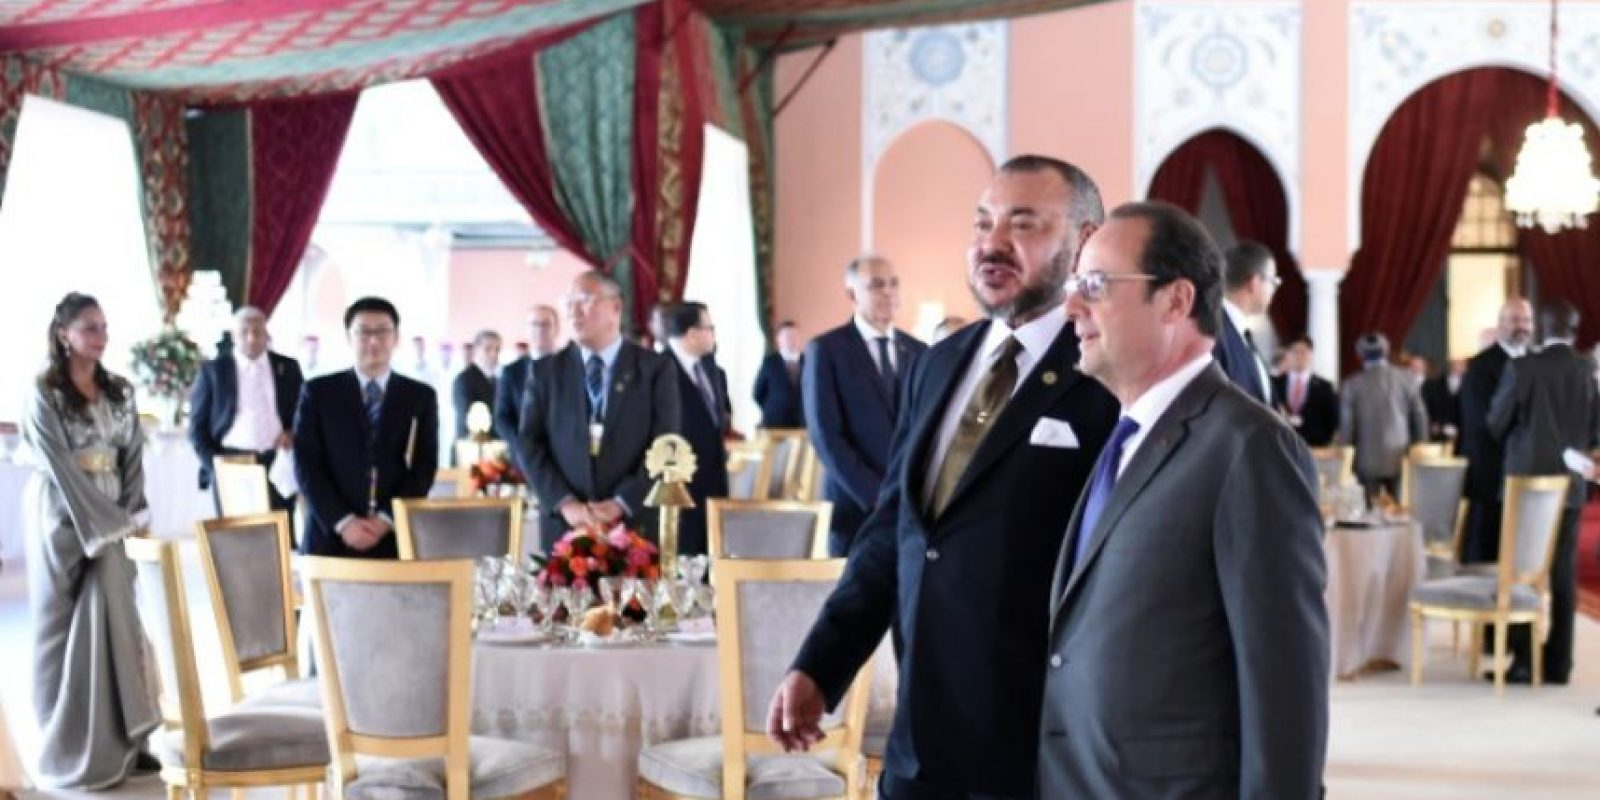 El presidente francés Francois Hollande y el rey marroquí Mohamed VI a su llegada a un almuerzo oficial para inaugurar la reunión de alto nivel para la Conferencia de Cambio Climático COP22, en el Palacio Real de Marrakech, el 15 de noviembre de 2016. Foto:STEPHANE DE SAKUTIN/afp.com